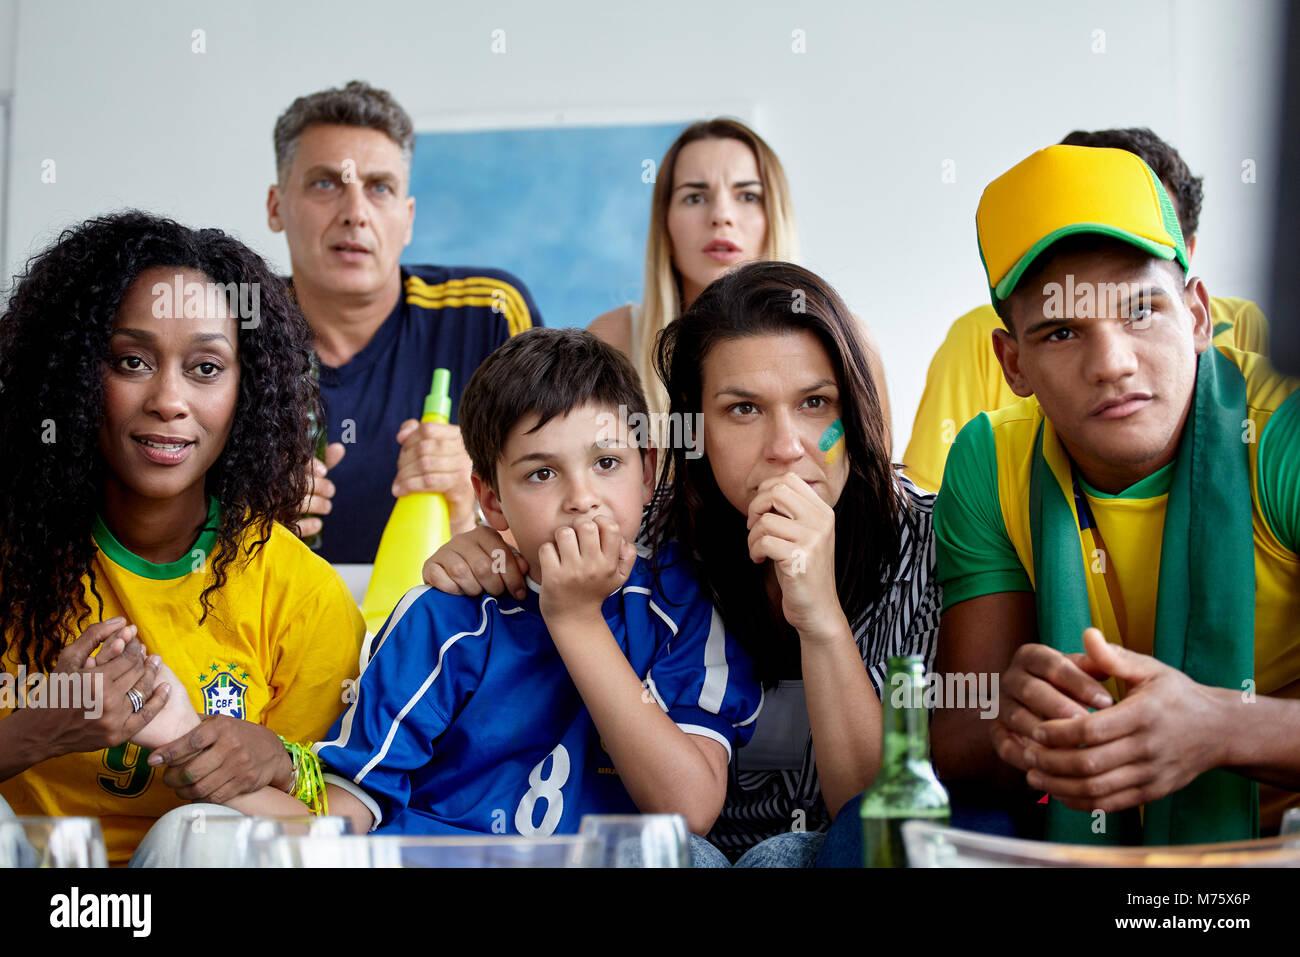 Brasilianischen Fußball-Fans gemeinsam Gleiches zu Hause Stockbild